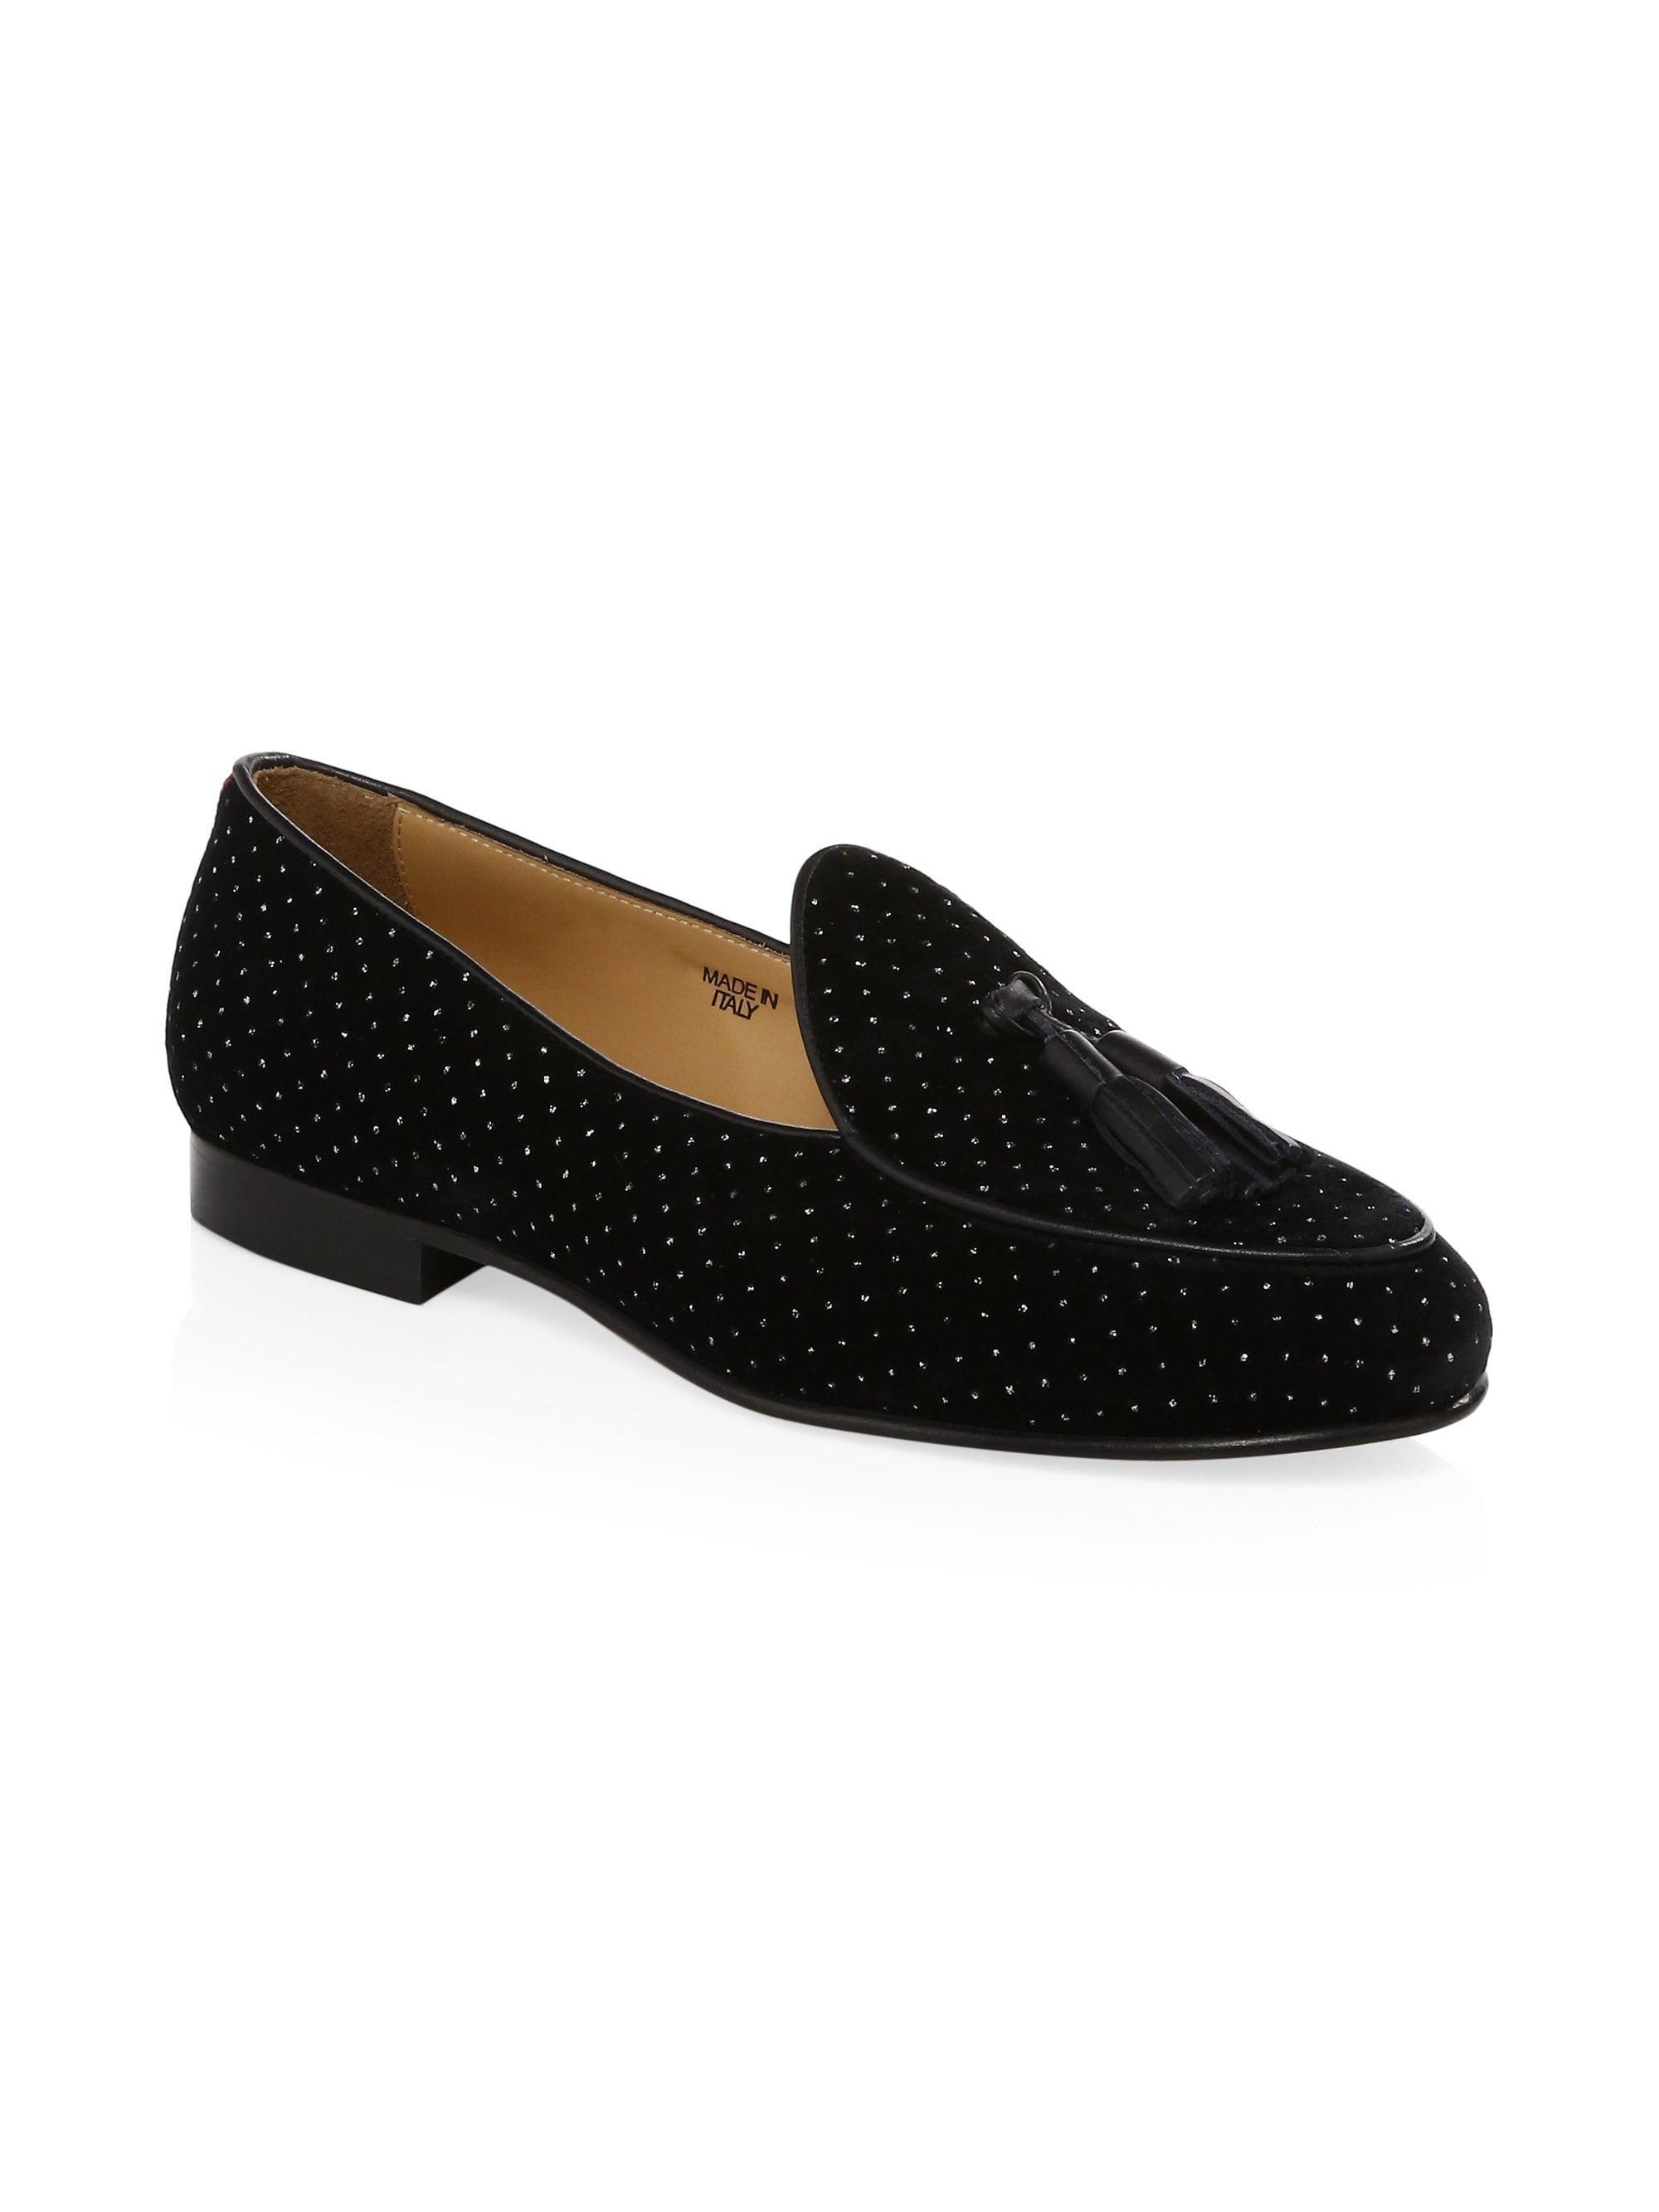 88b8d2995 Lyst - Del Toro Velvet Tassel Loafers in Black for Men